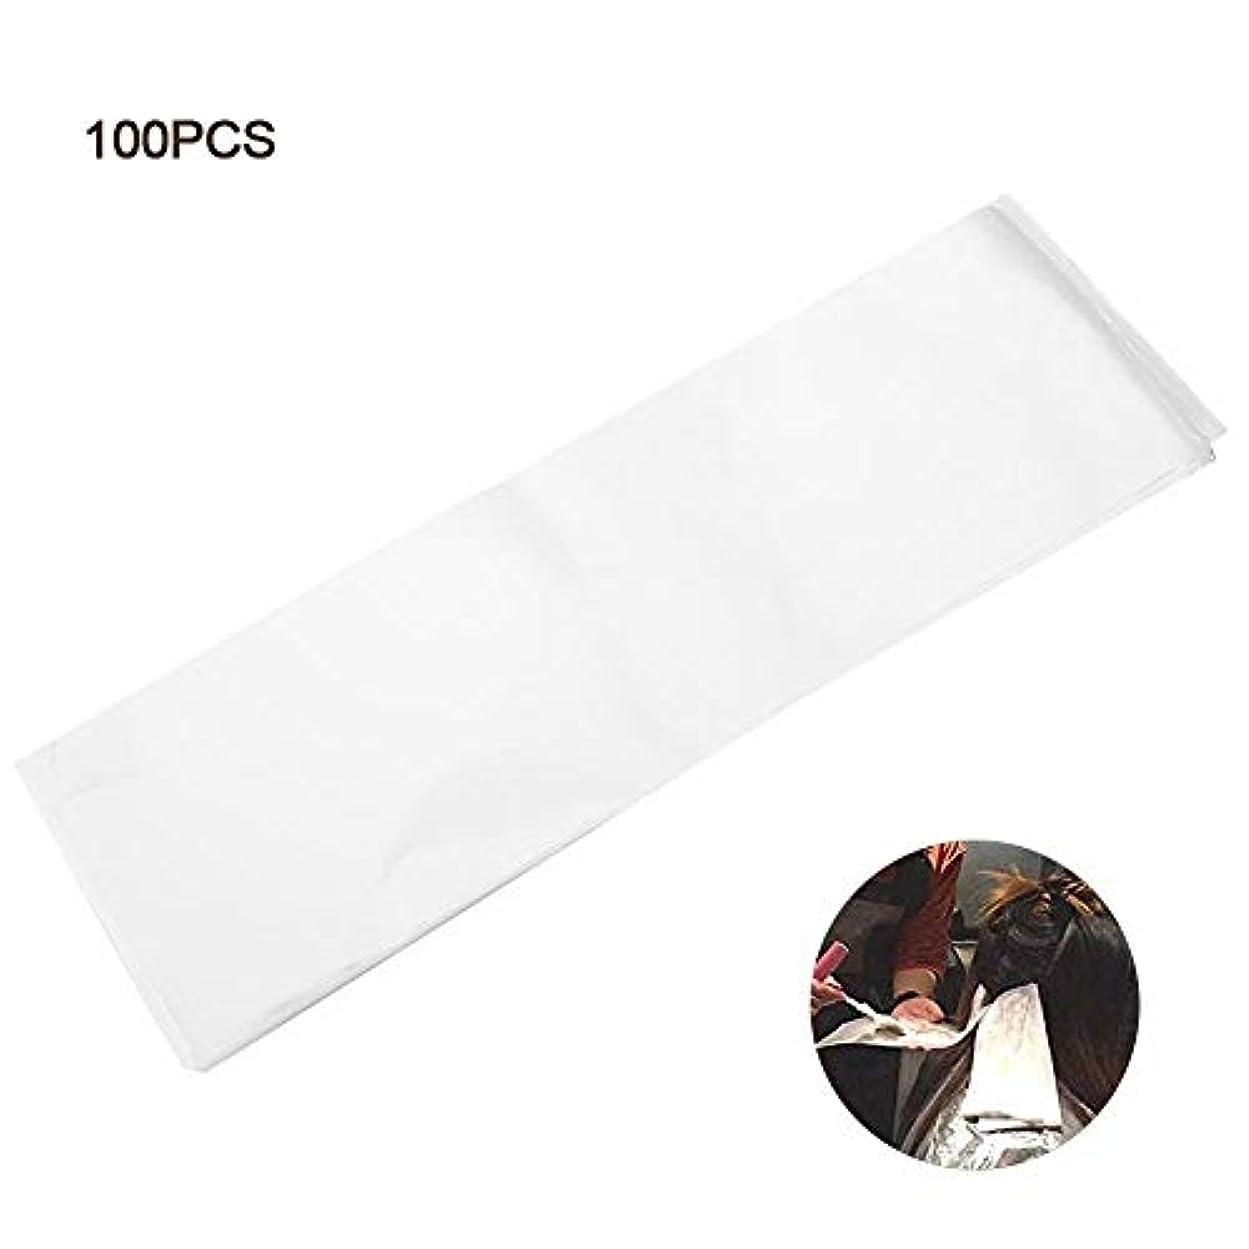 ガウン主張準備するプロサロンヘアダイペーパー、髪染め用 プラスチック製 染毛紙 再利用可能 分離 紙 ヘアカラー サロン 自宅 DIYヘア染めツール 使用やすい - ホワイト 100枚